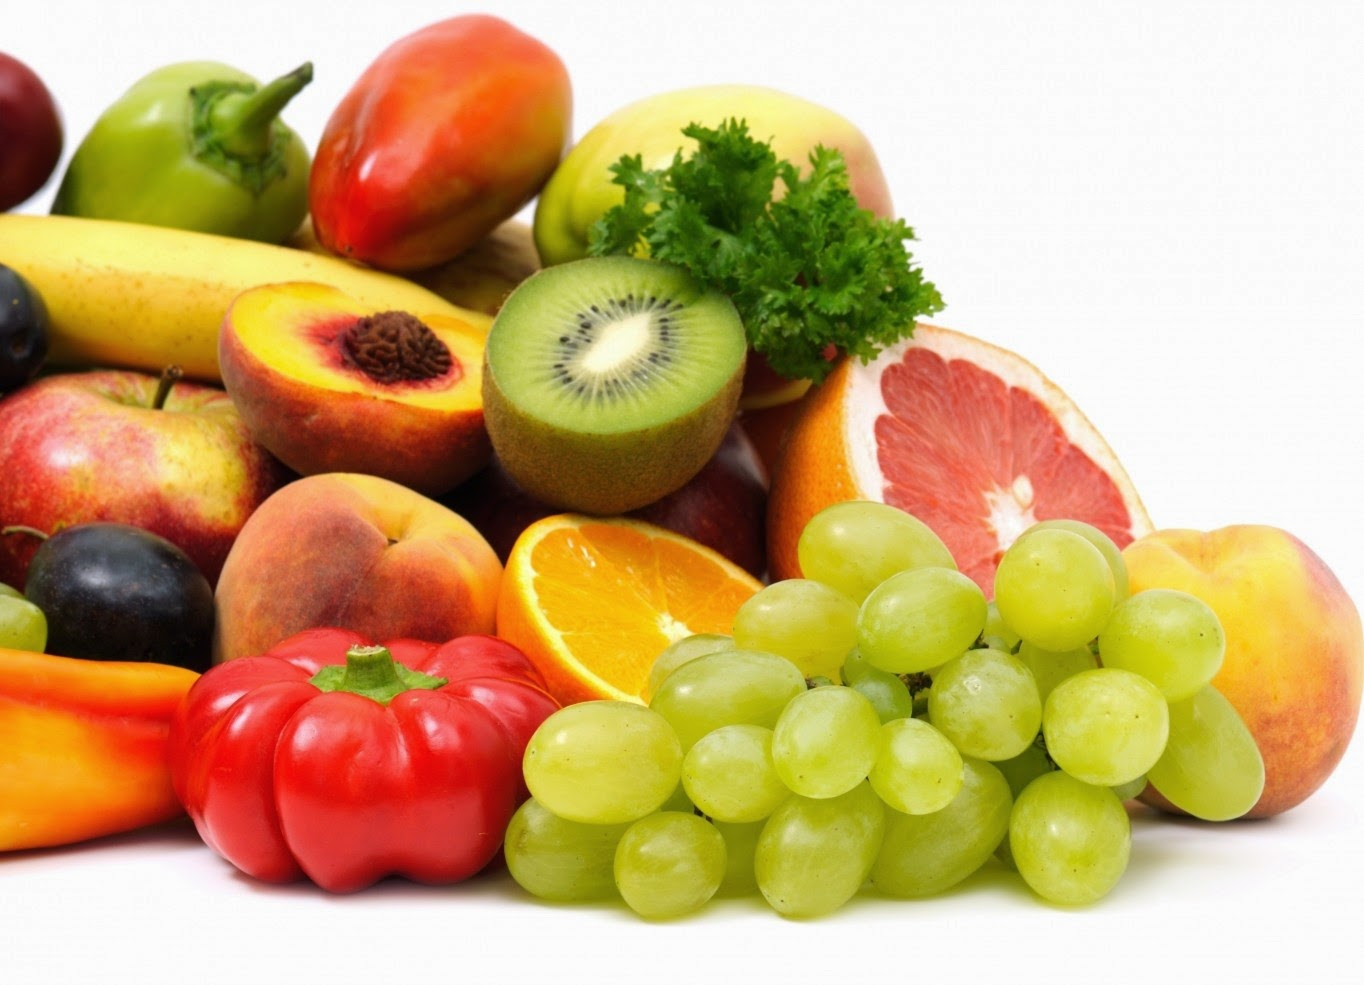 Αποτέλεσμα εικόνας για Φρέσκα εποχιακά φρούτα